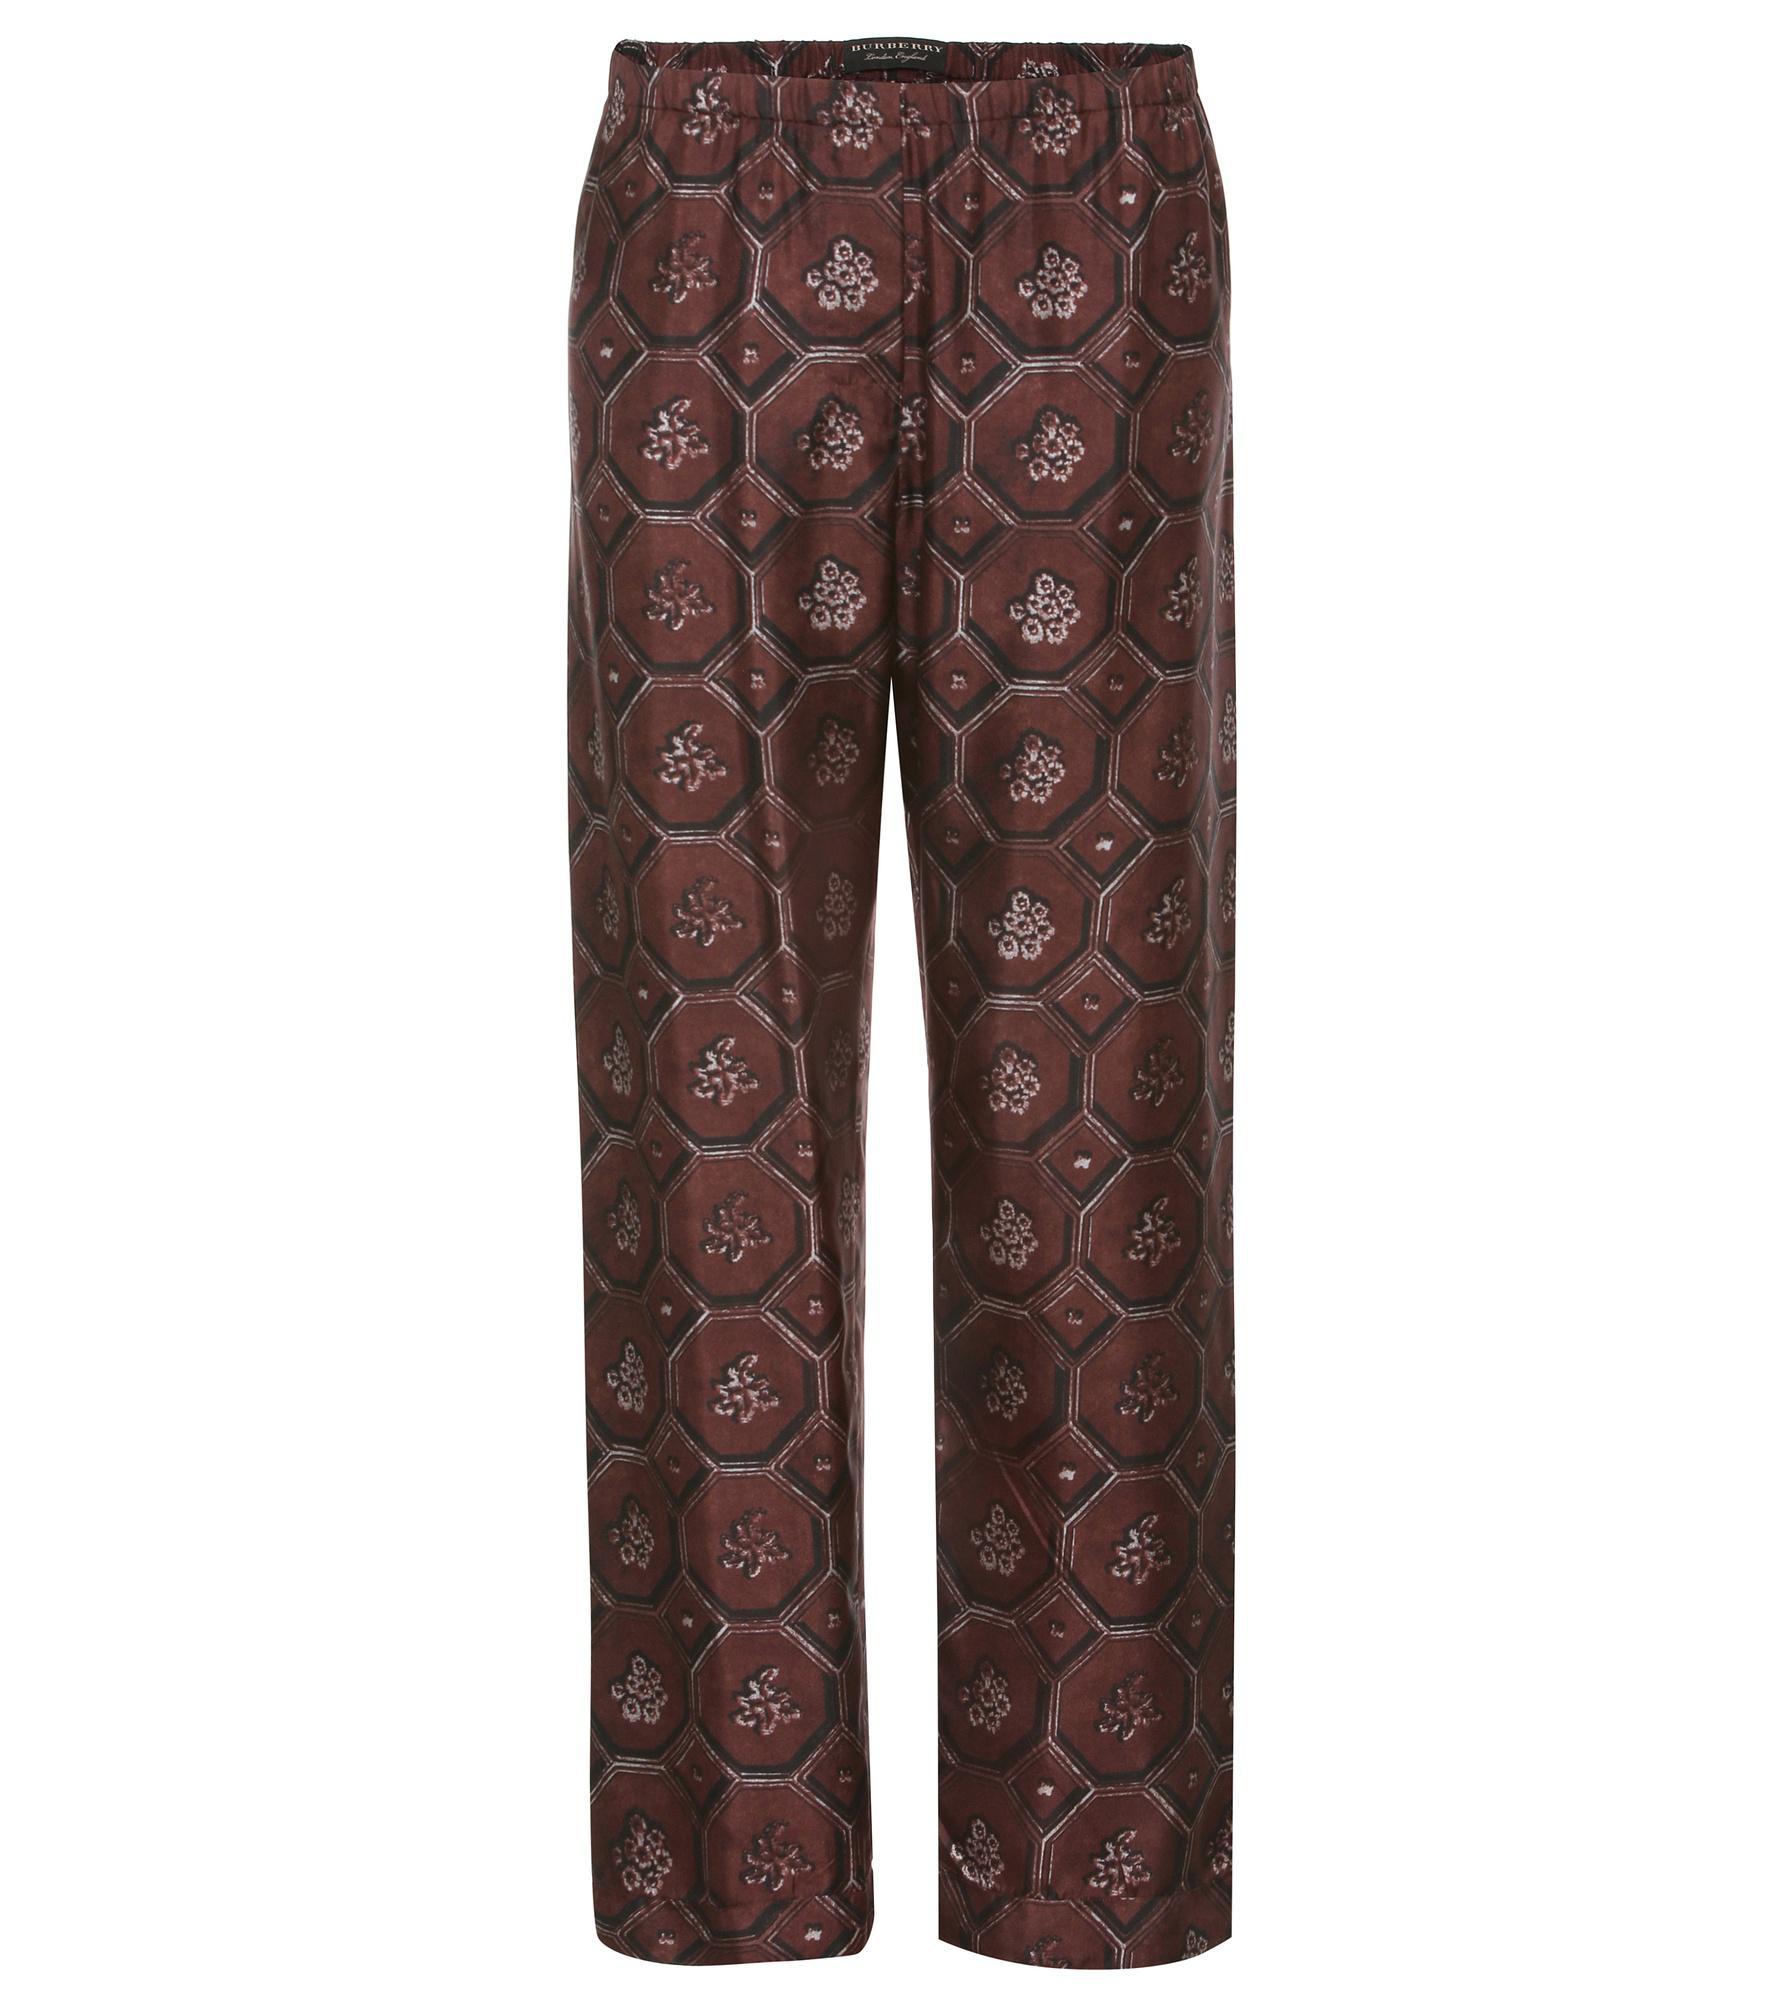 Lyst - Pantalon de pyjama en soie Burberry en coloris Marron 1e2d128d7db